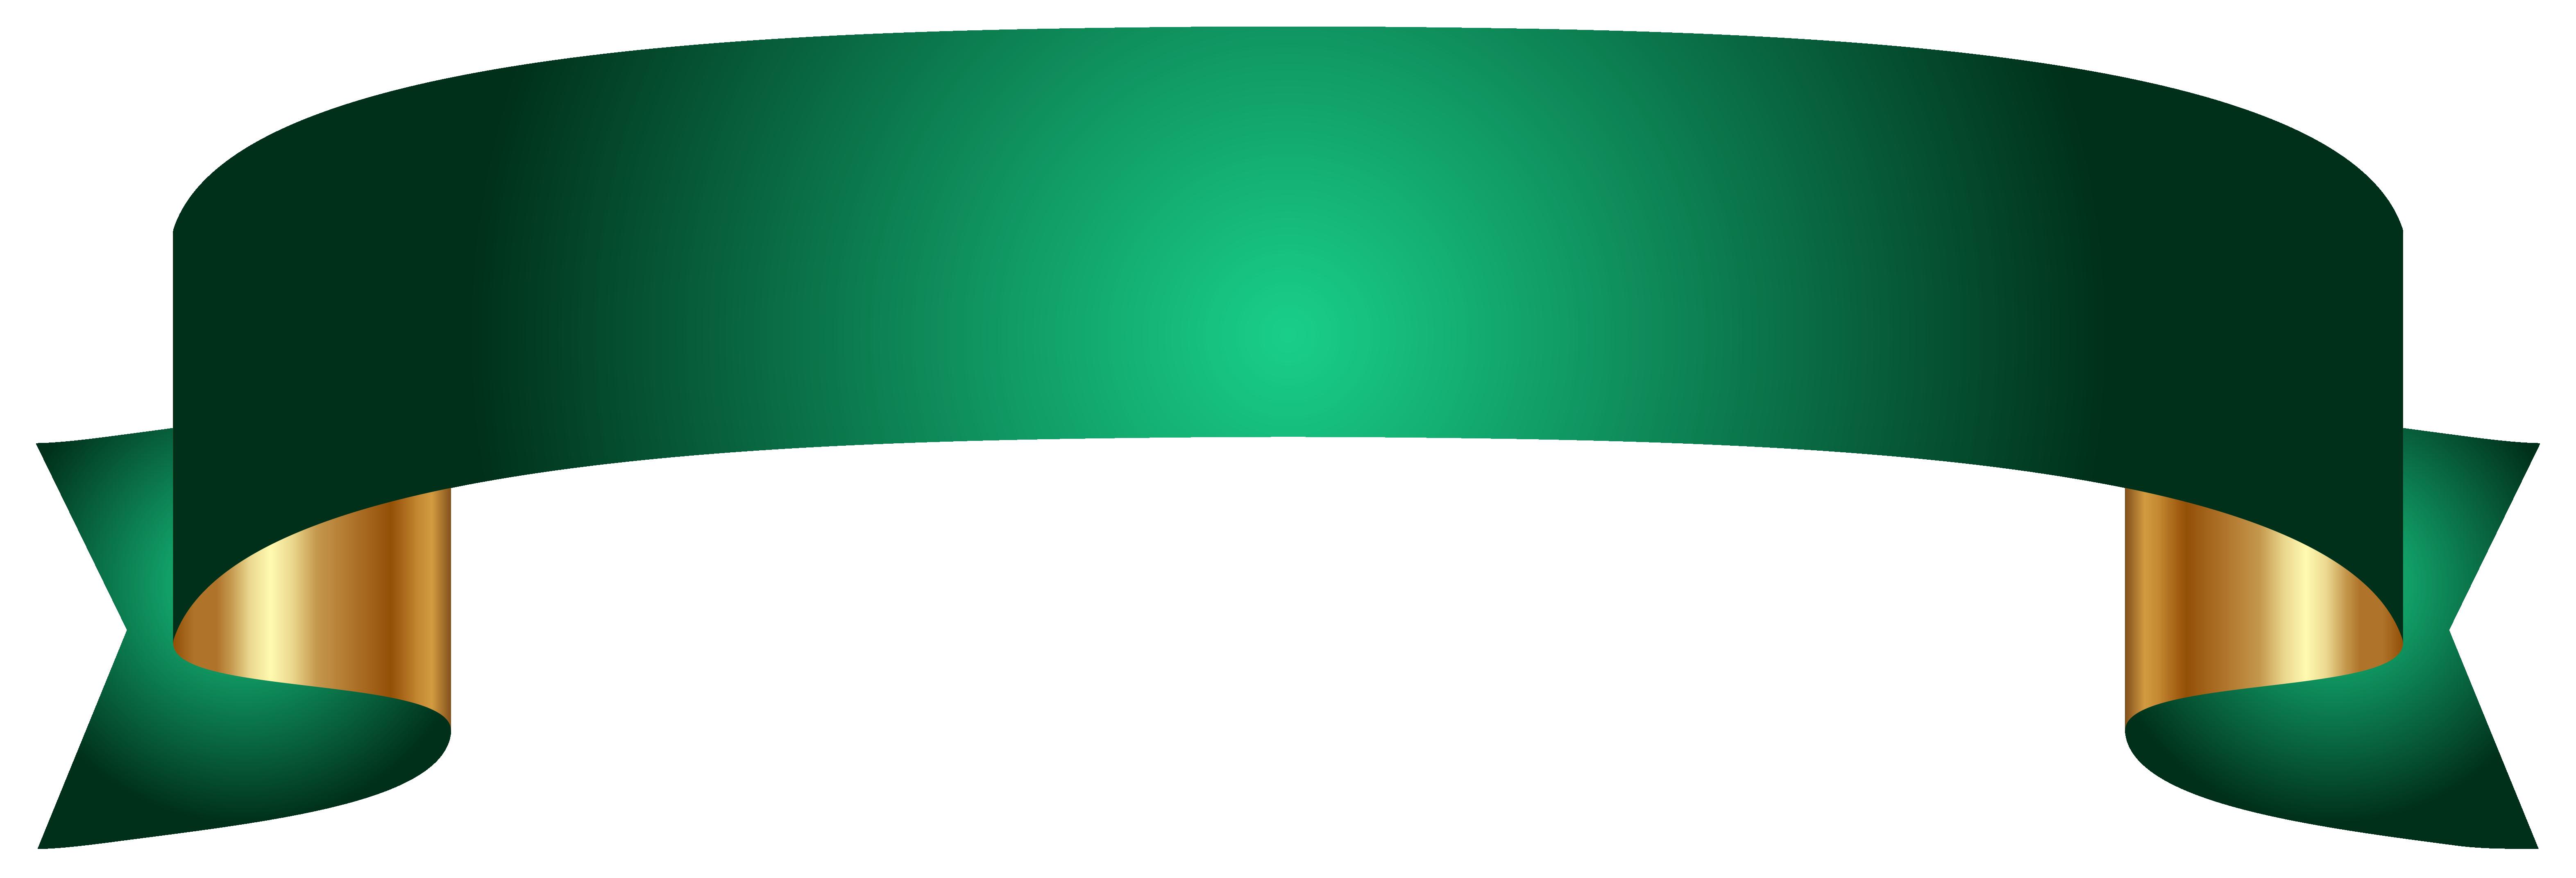 6288x2143 Green Banner Transparent Png Clip Art Imageu200b Gallery